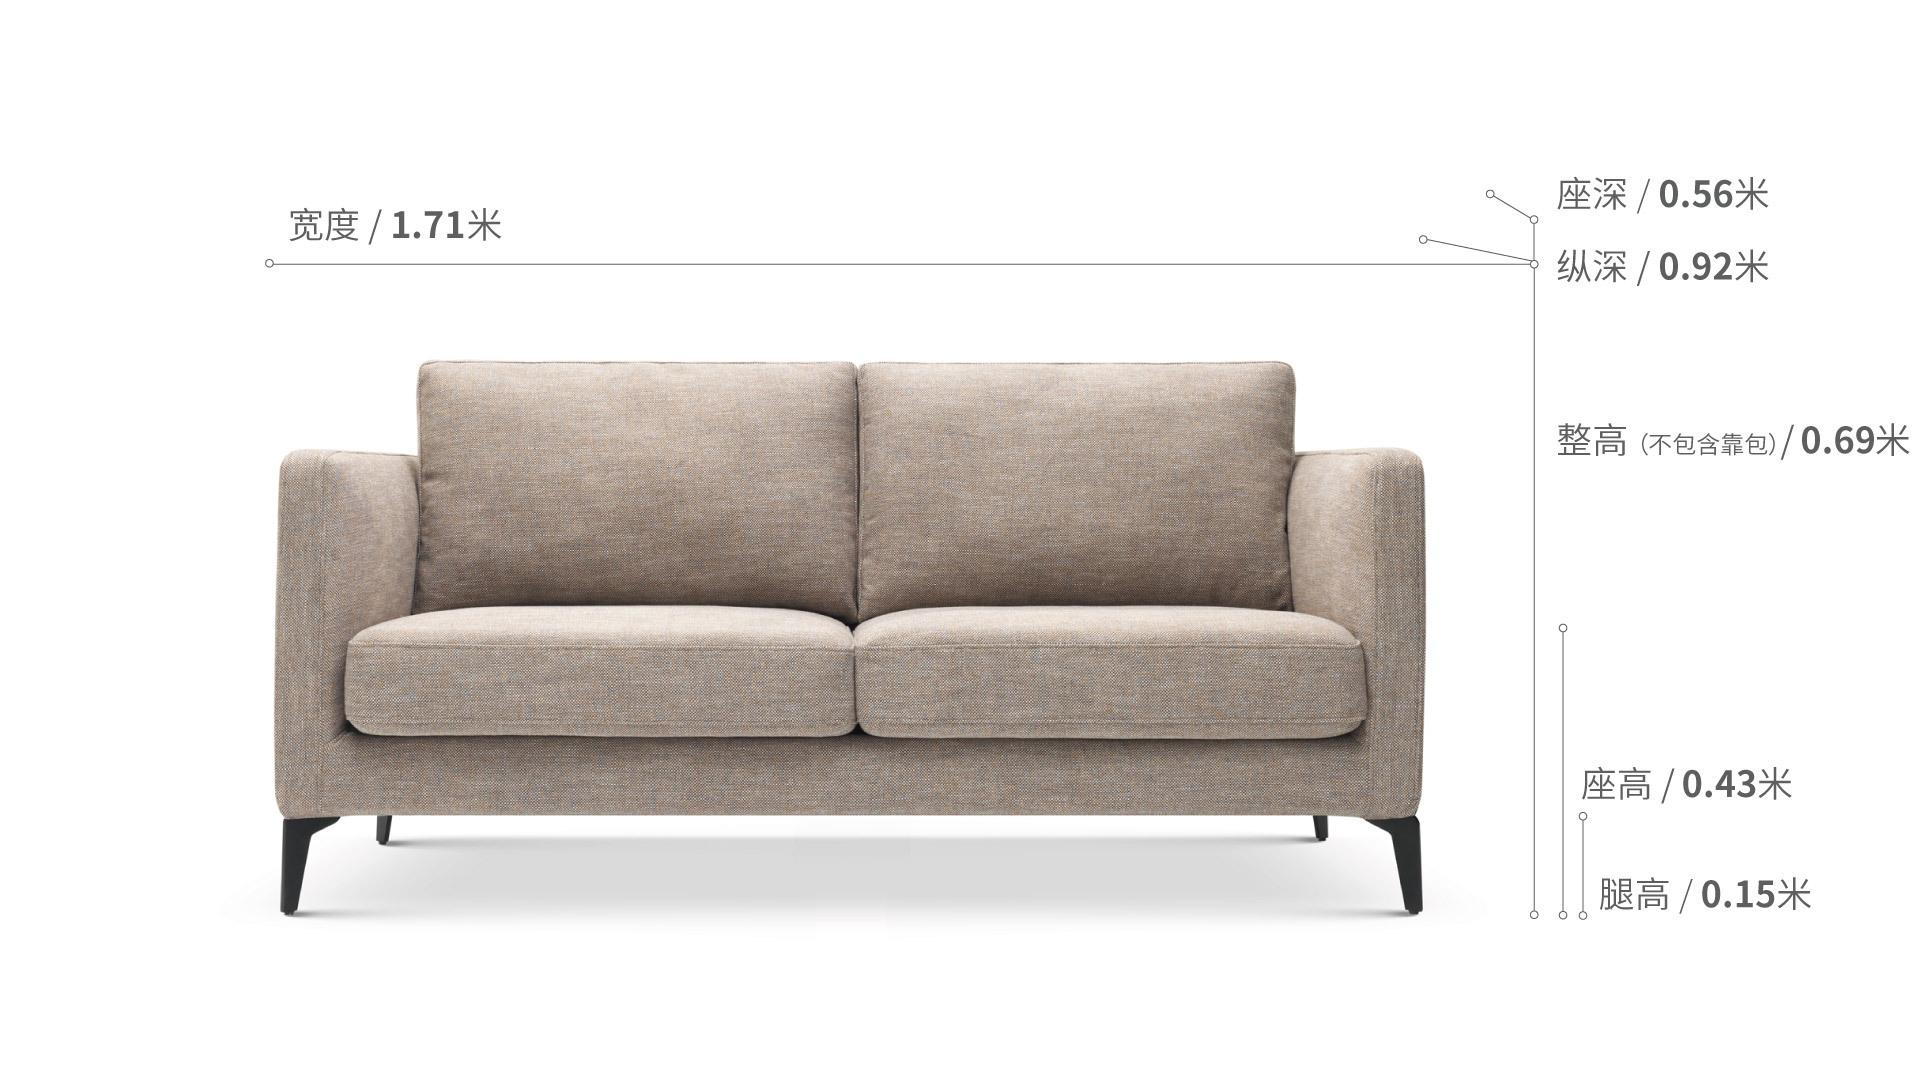 造作星期天沙发™双人座沙发效果图